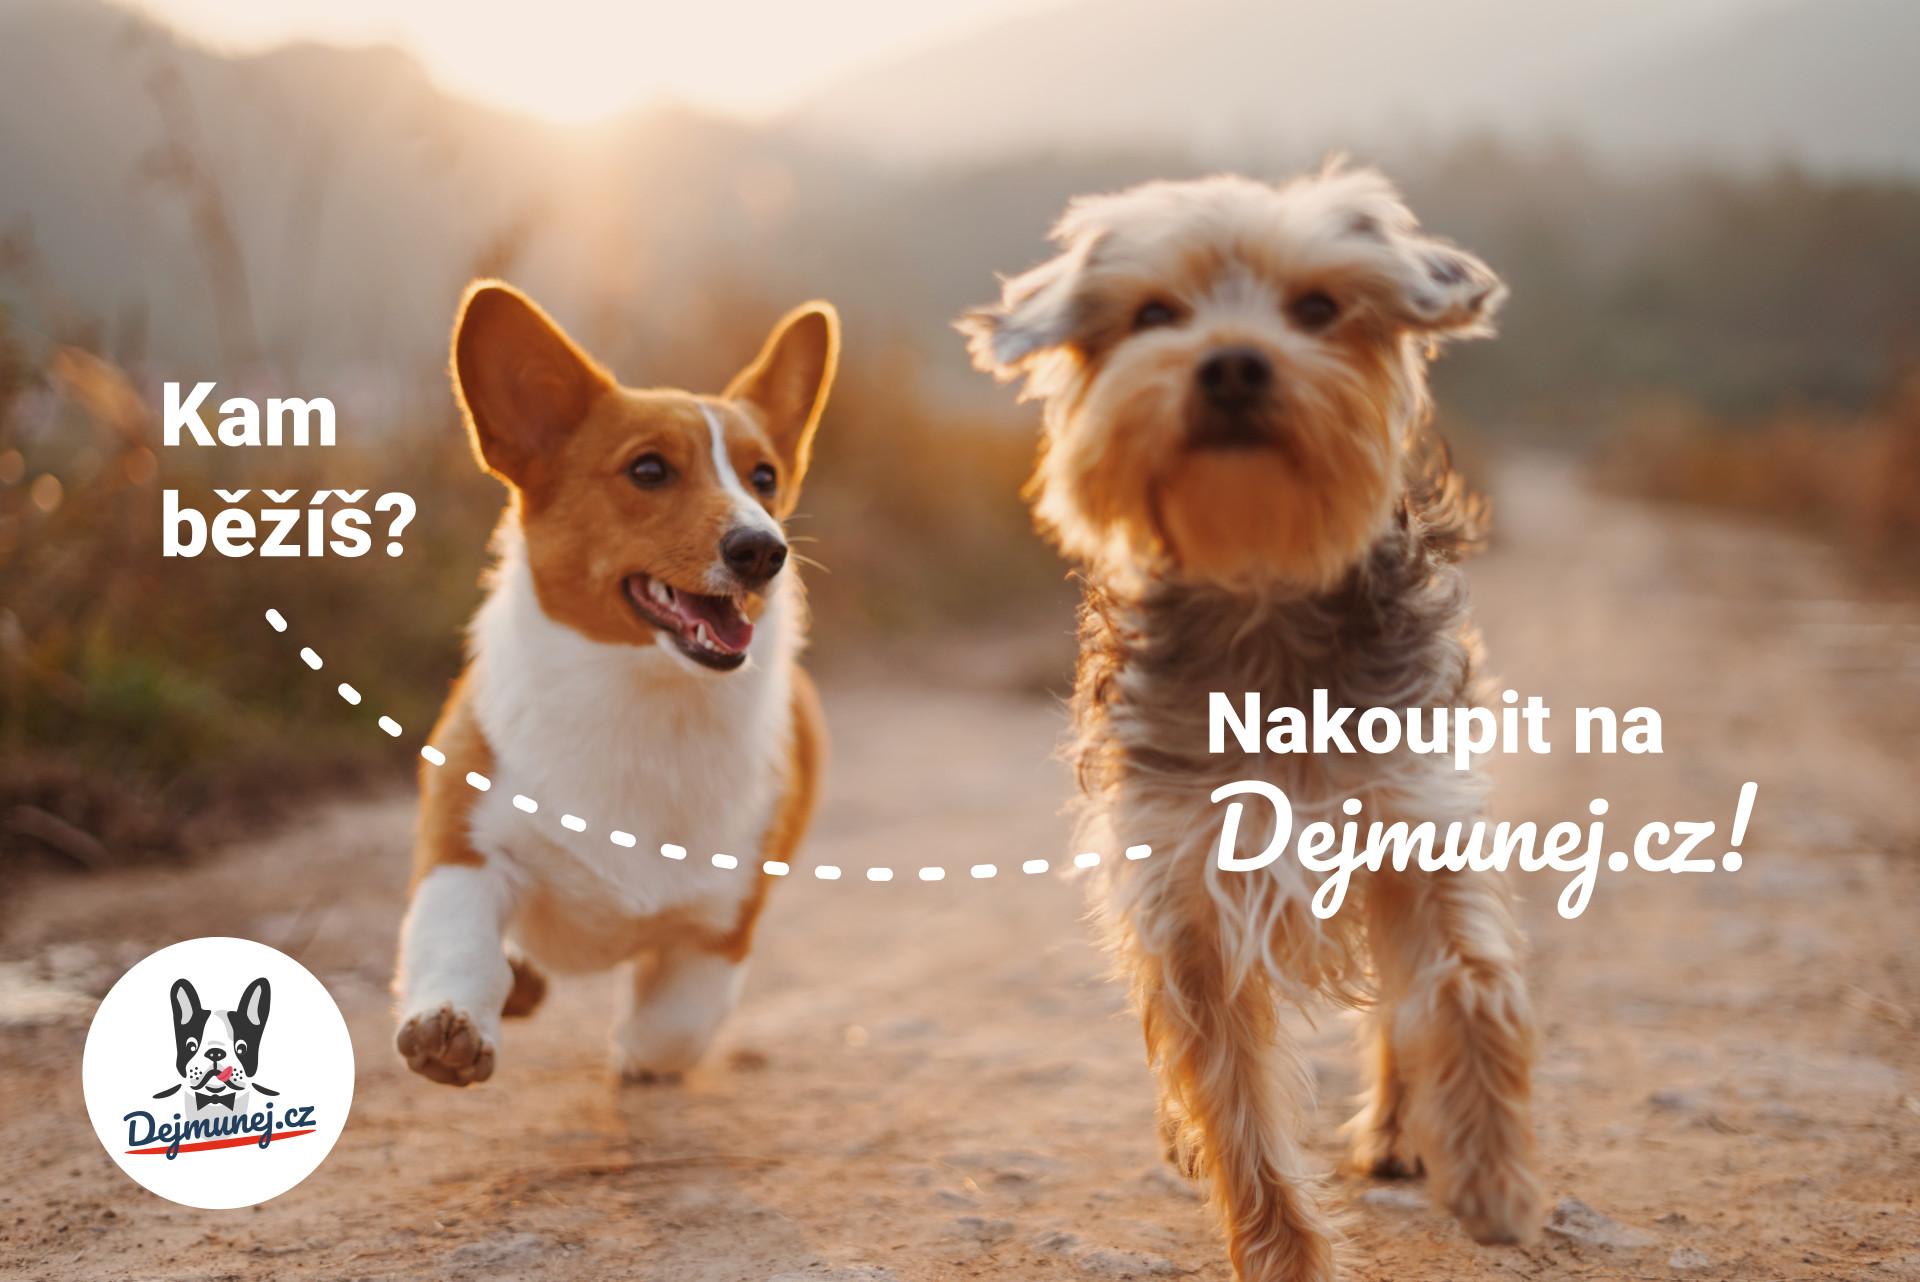 Dejmunej.cz je nový e-shop pro psy. Čím si vás i vaše mazlíčky získá?